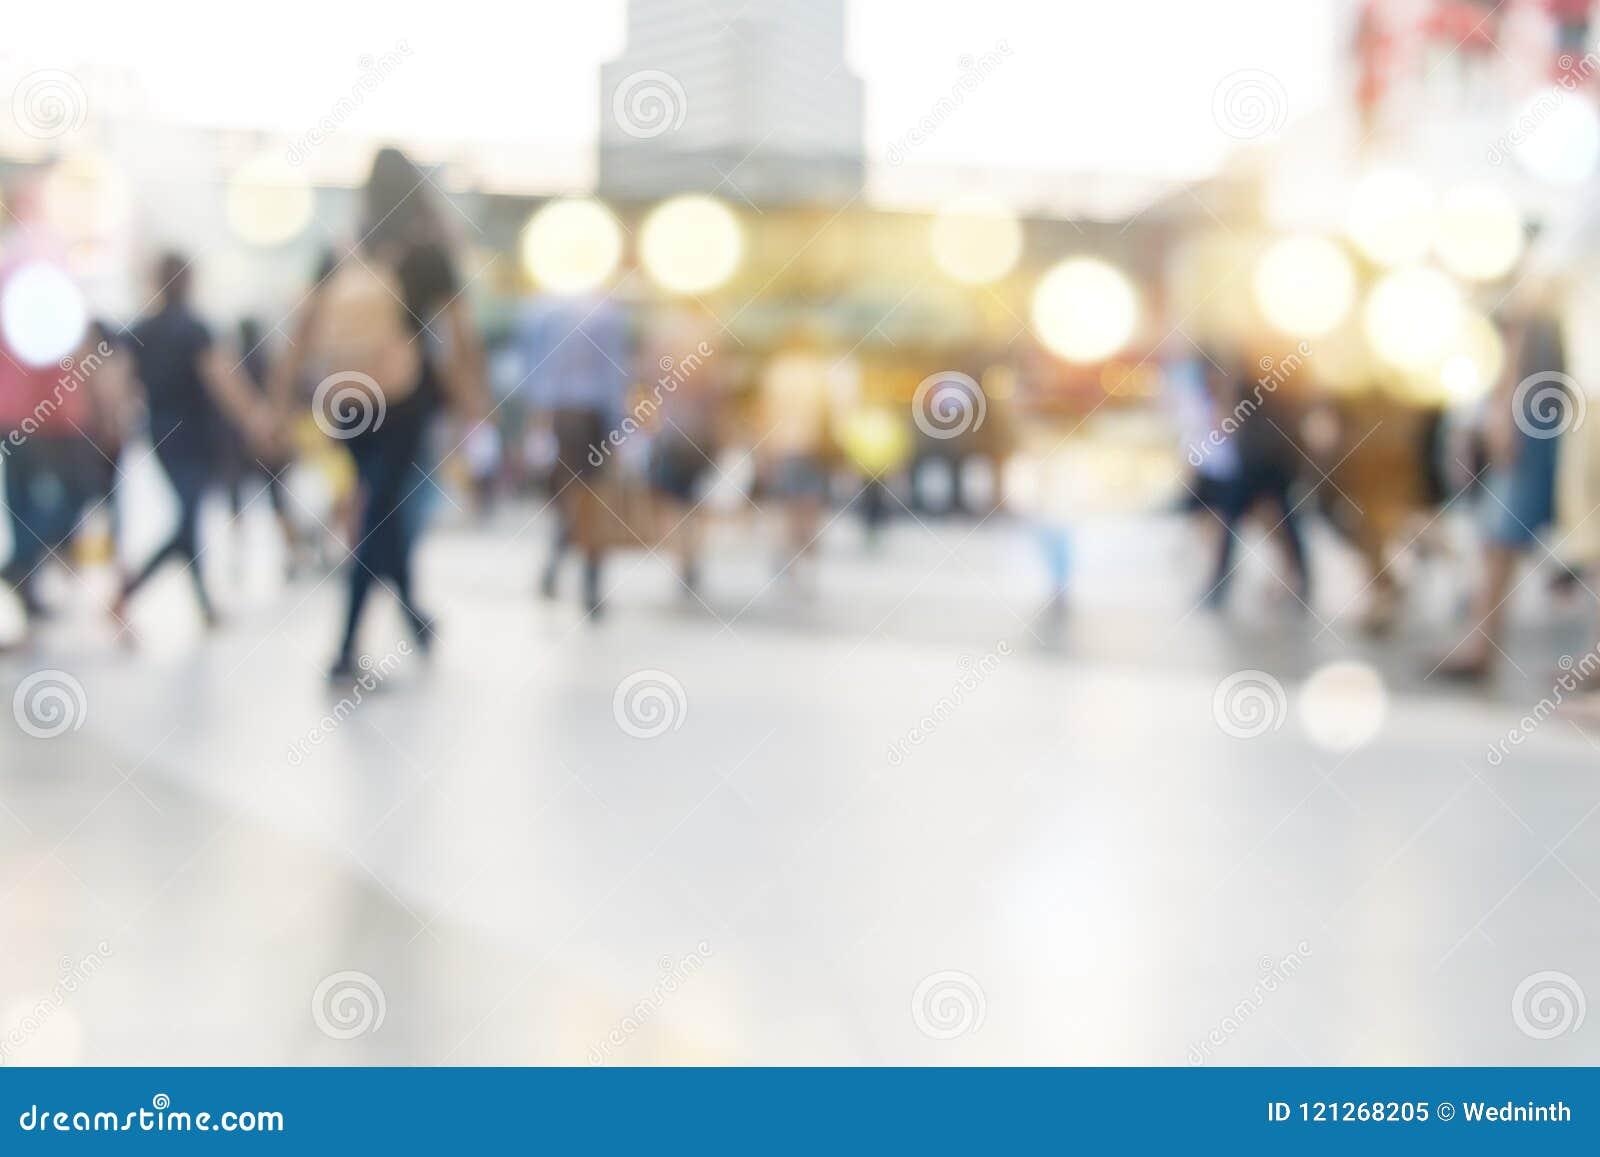 城市居民人群摘要背景迷离行动